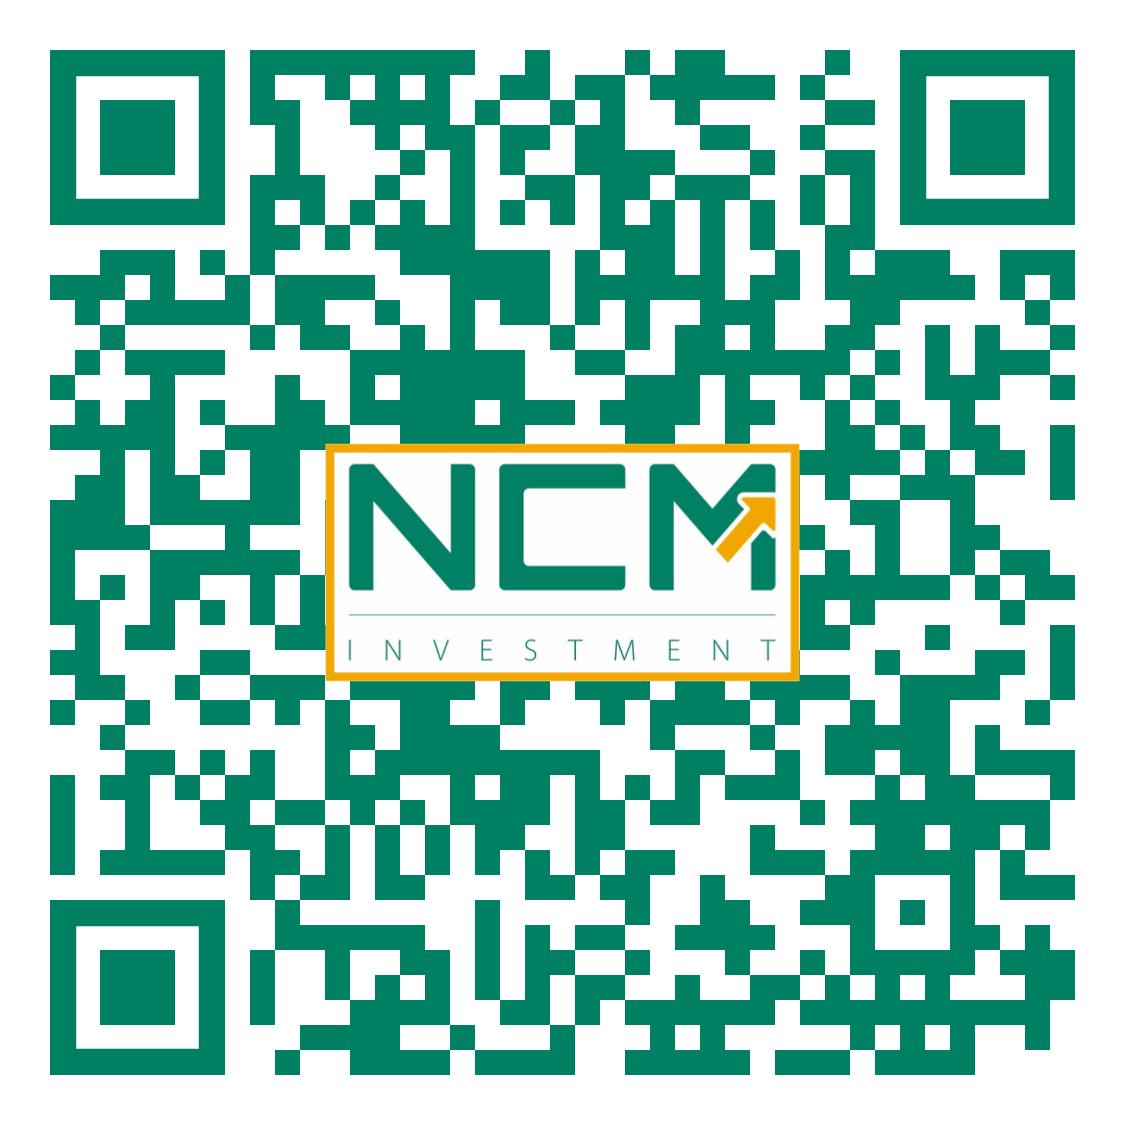 NCM QR Code